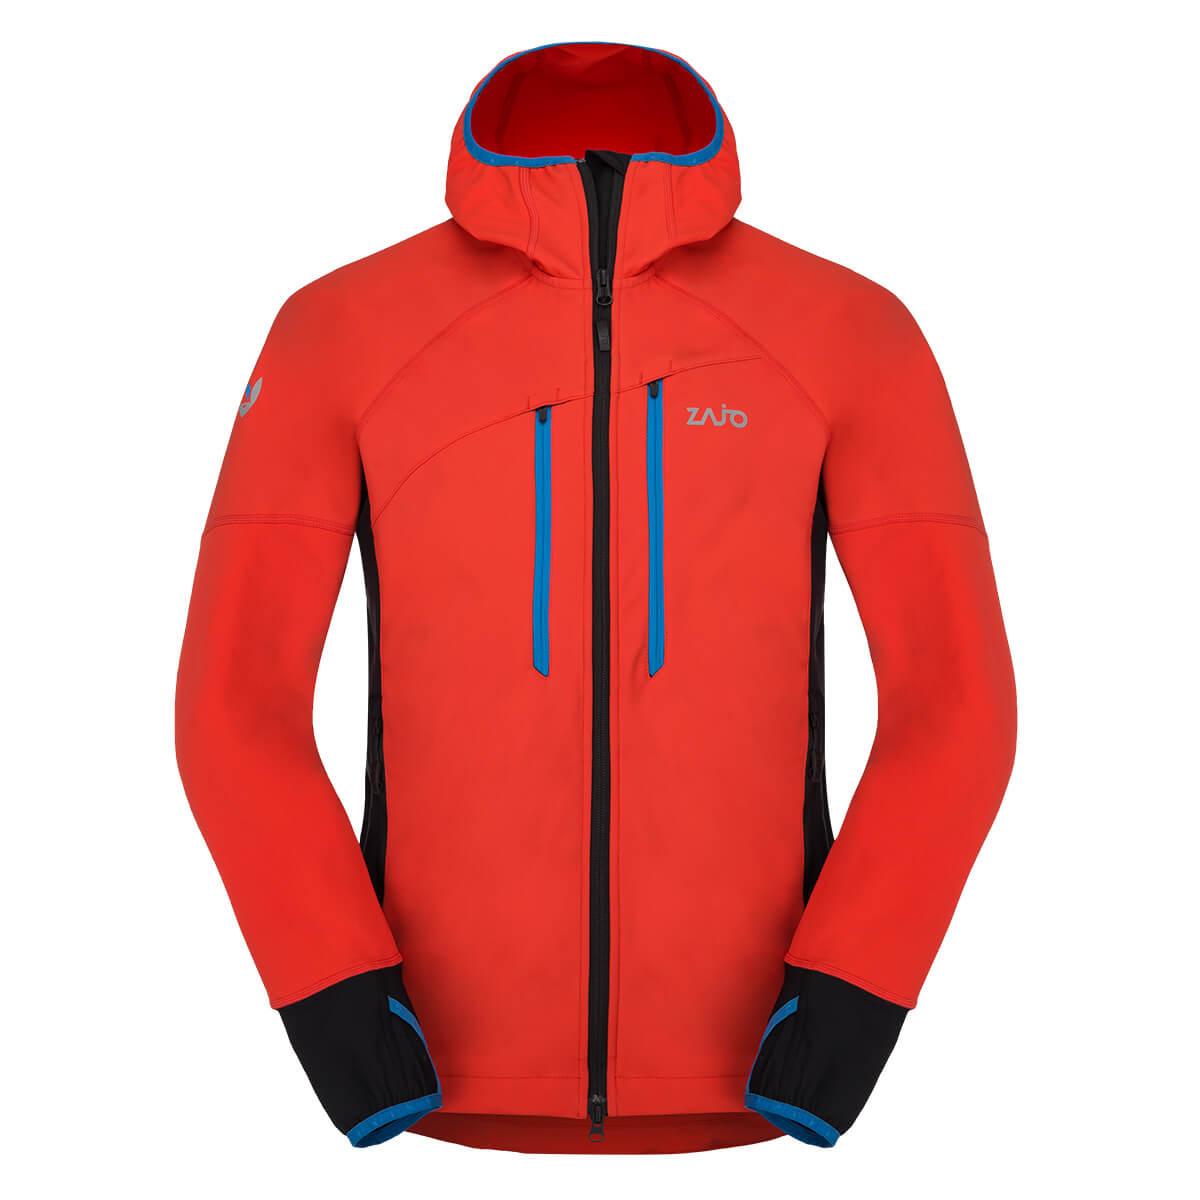 Pánska bunda ZAJO Ramsau Jkt Red - veľkosť S